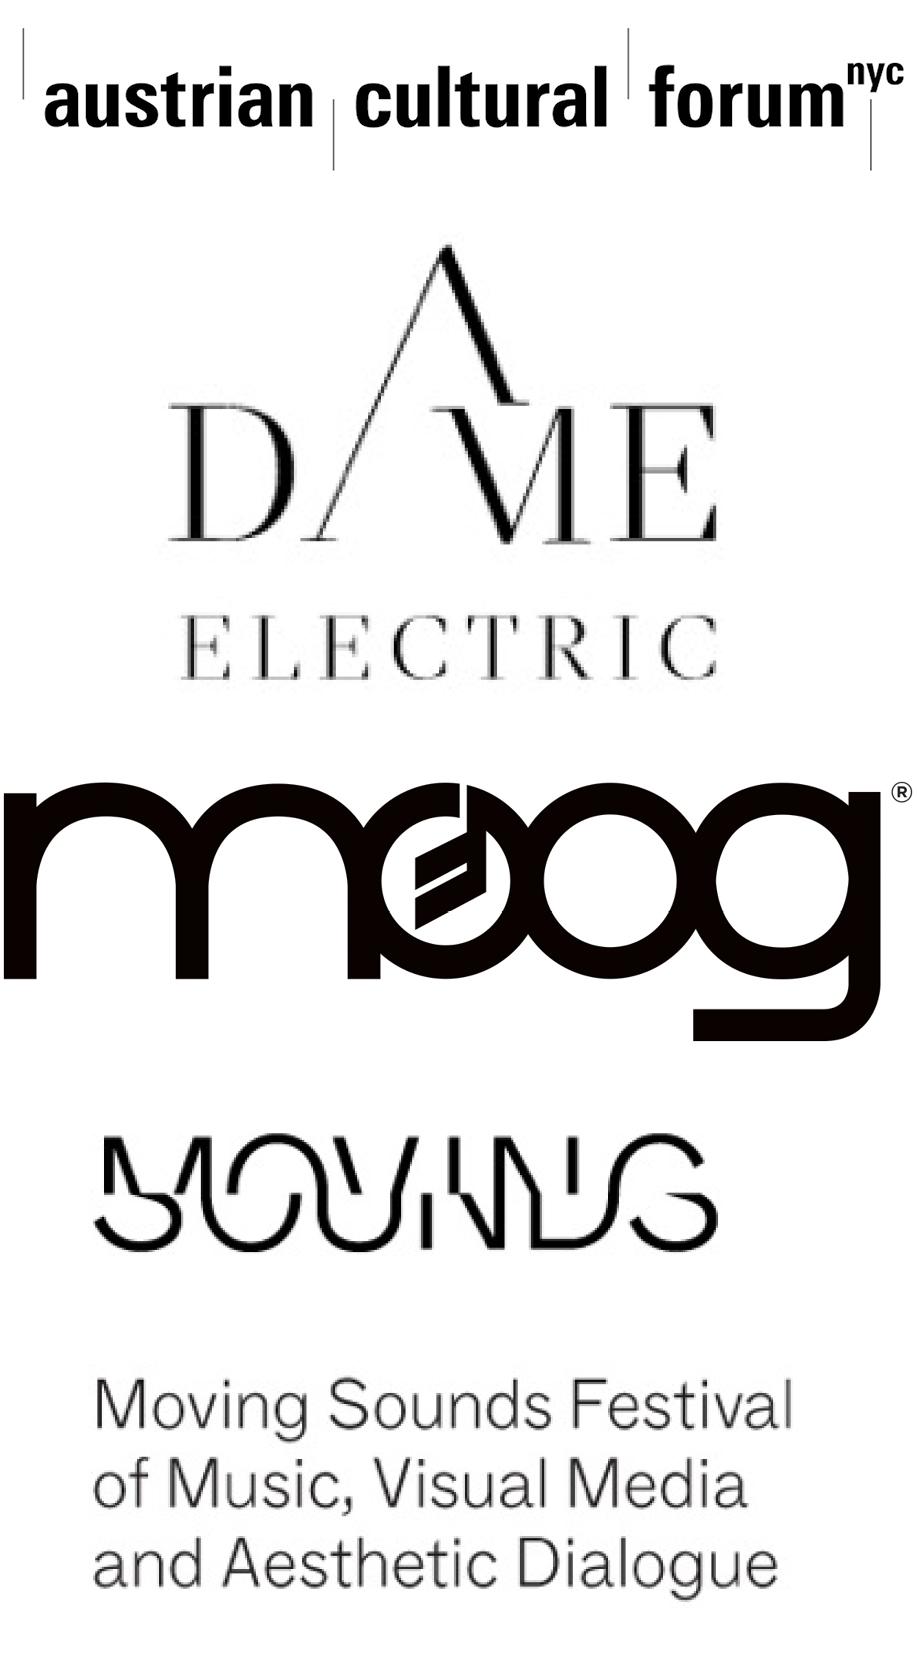 Dame Electric Logos